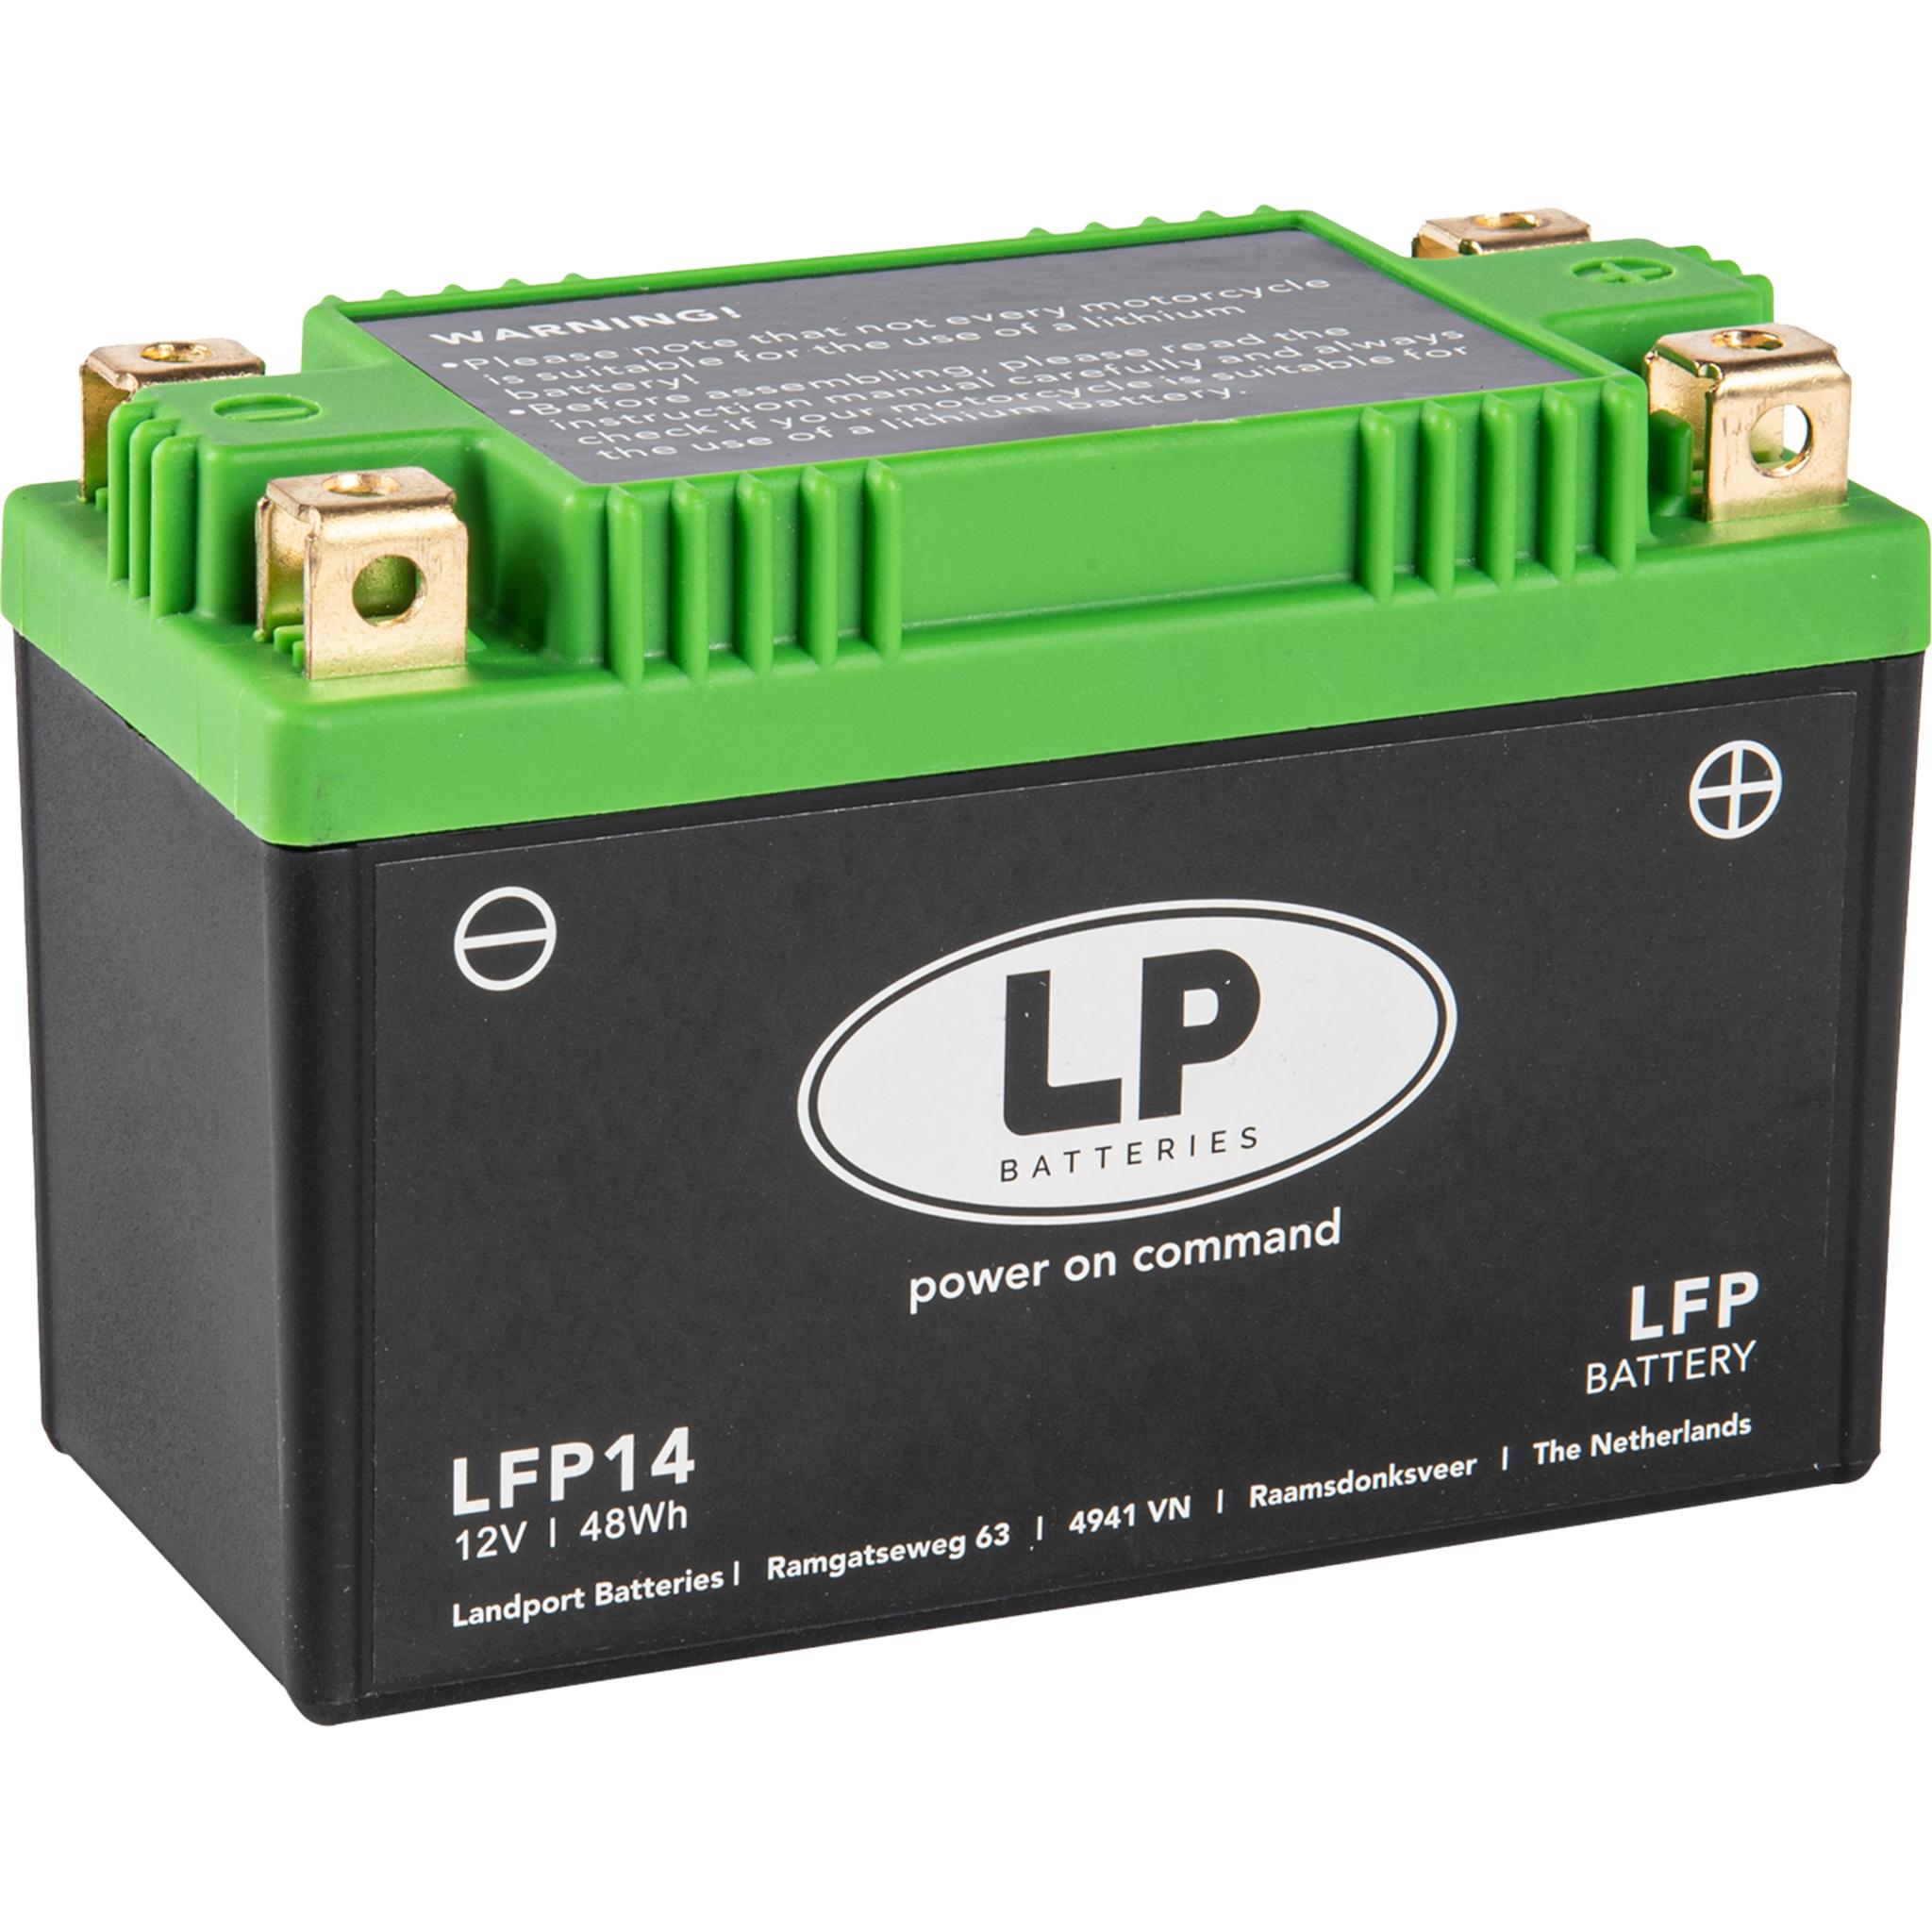 Аккумулятор Landport LFP14, 12V, Литий-ионный